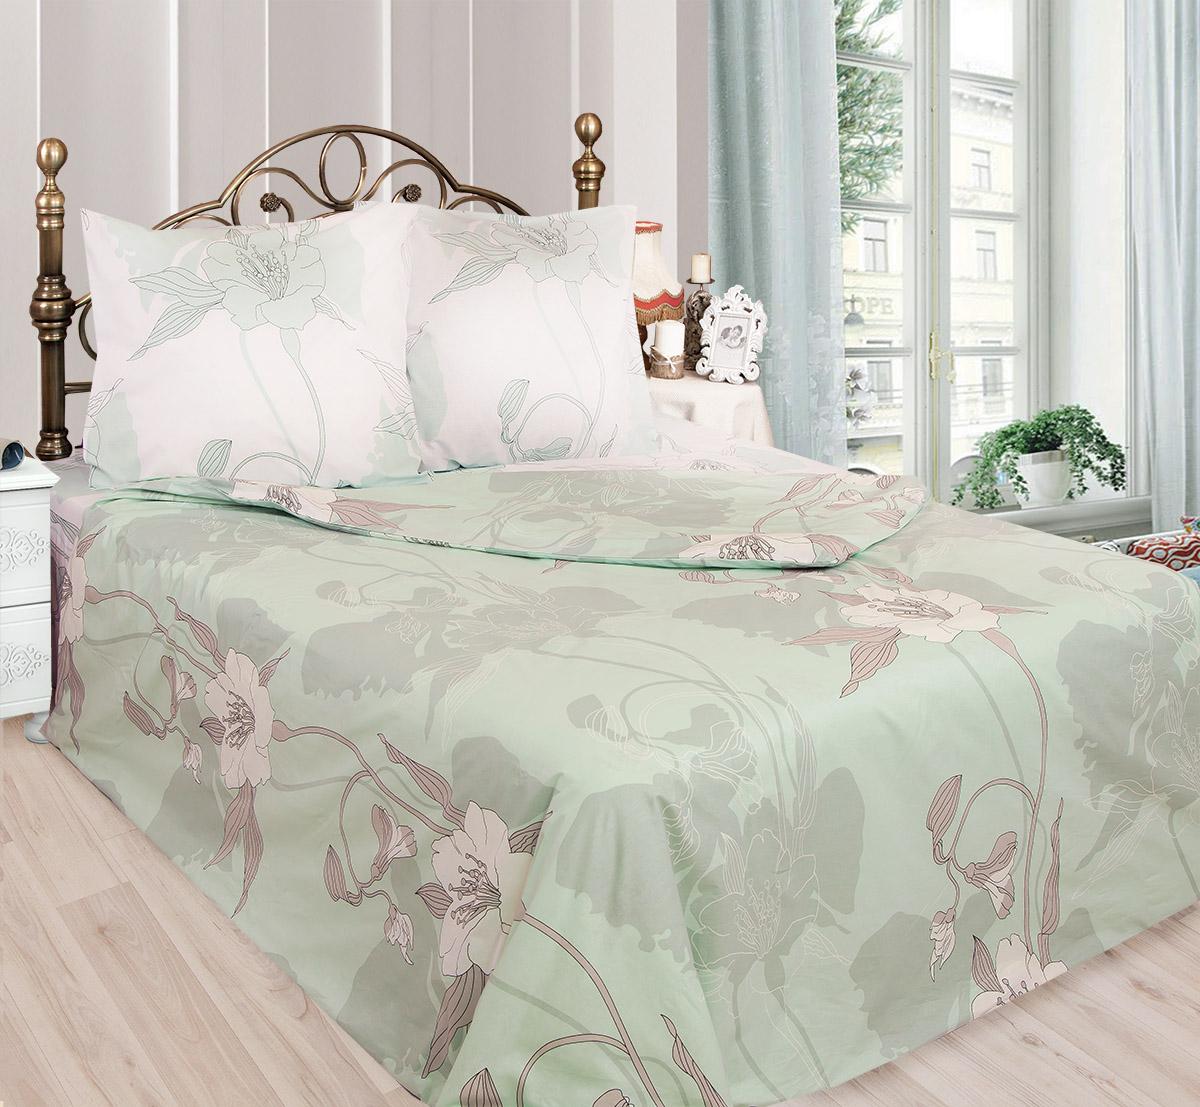 Комплект белья Sova & Javoronok Жасмин (1,5 спальный КПБ, бязь), n70, цвет: белый, зеленый391602КПБ 1,5 сп. Сова и Жаворонок, бязь, Жасмин, n70 белый зеленый